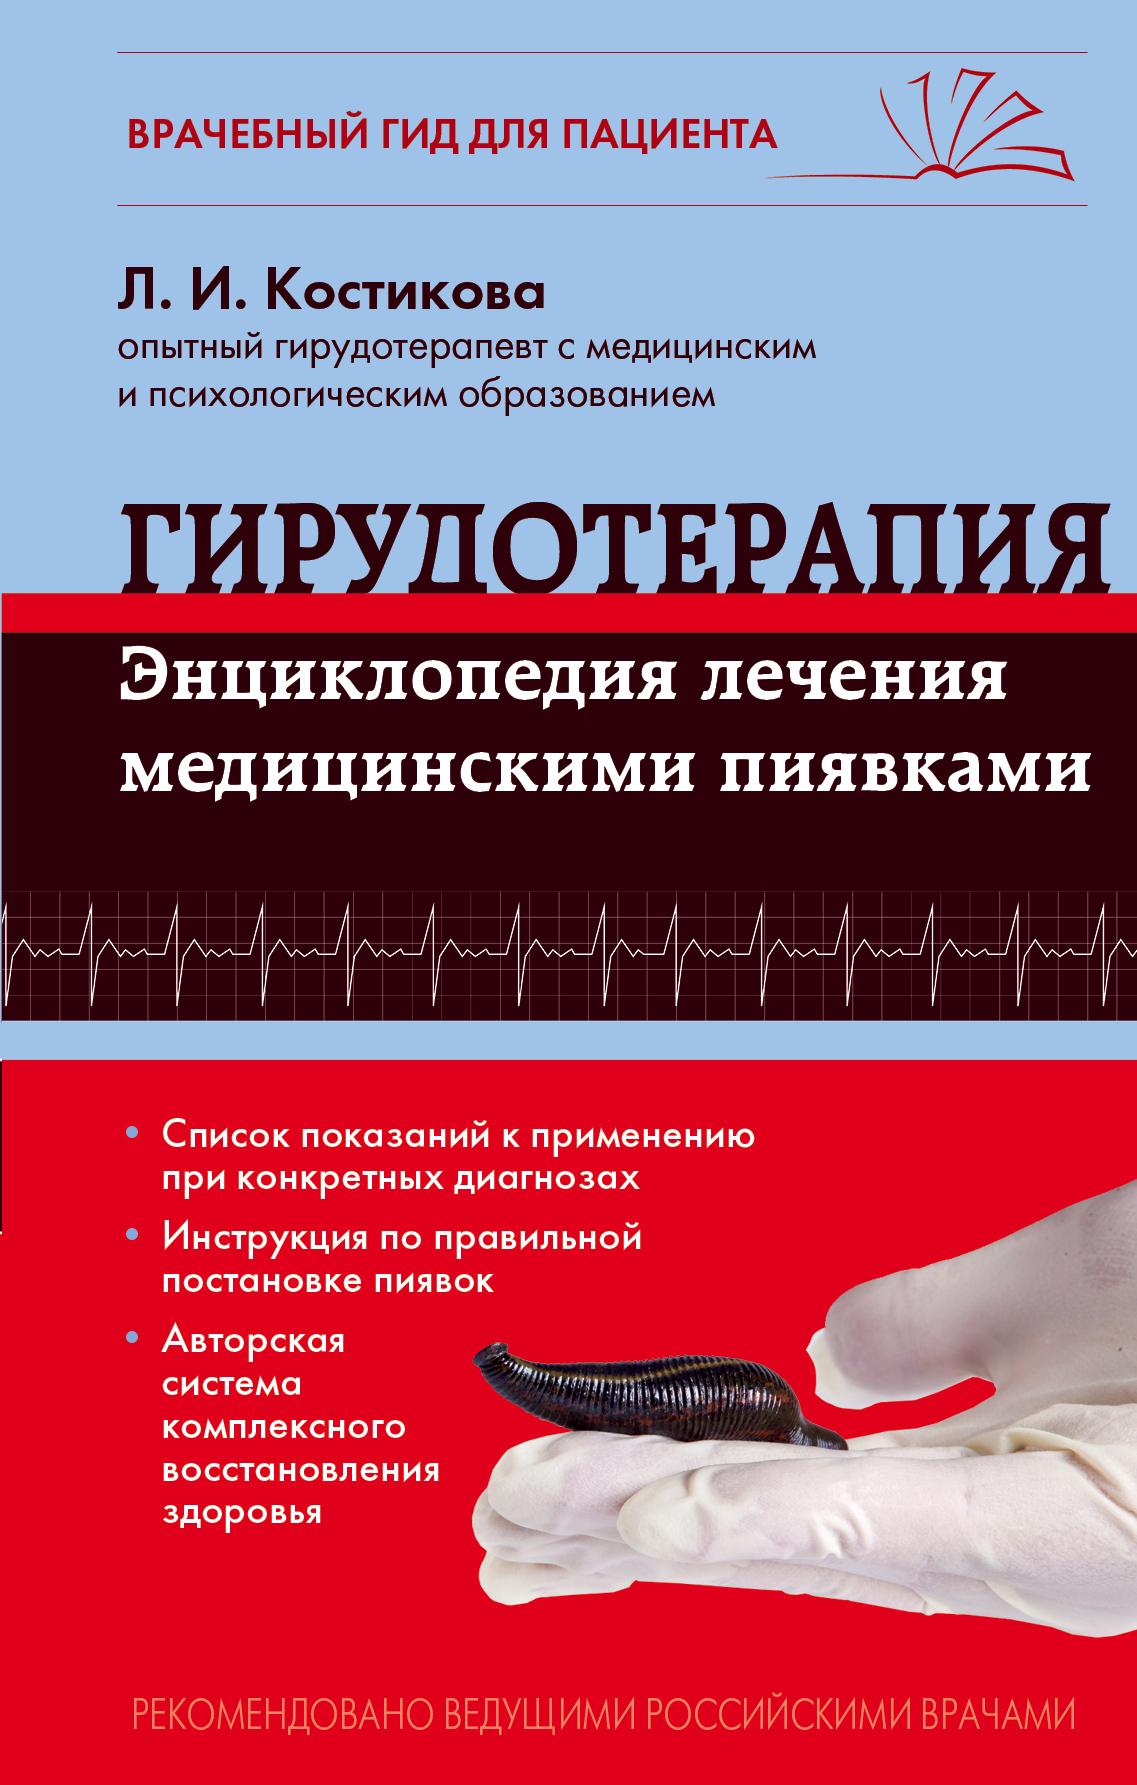 Любовь Костикова «Гирудотерапия. Энциклопедия лечения медицинскими пиявками»